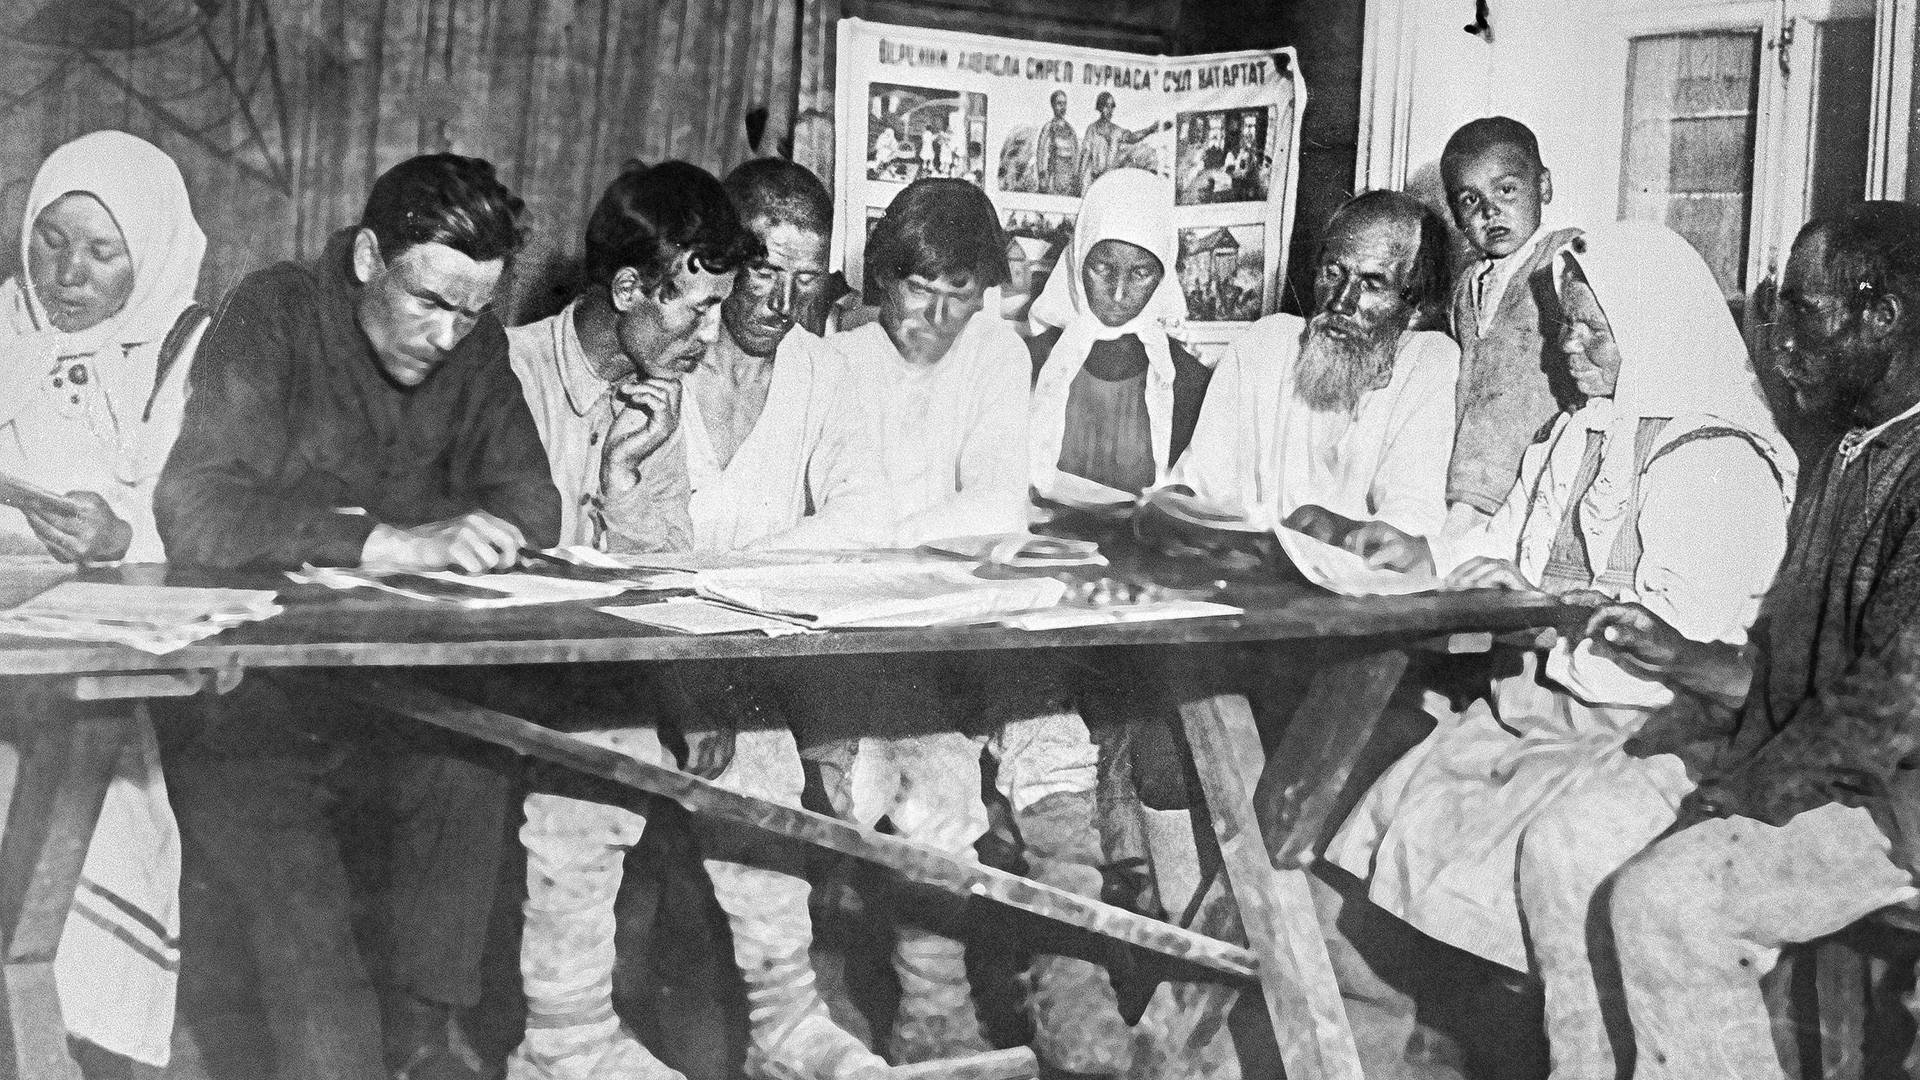 Camponeses soviéticos aprendendo a ler e escrever, década de 1930.